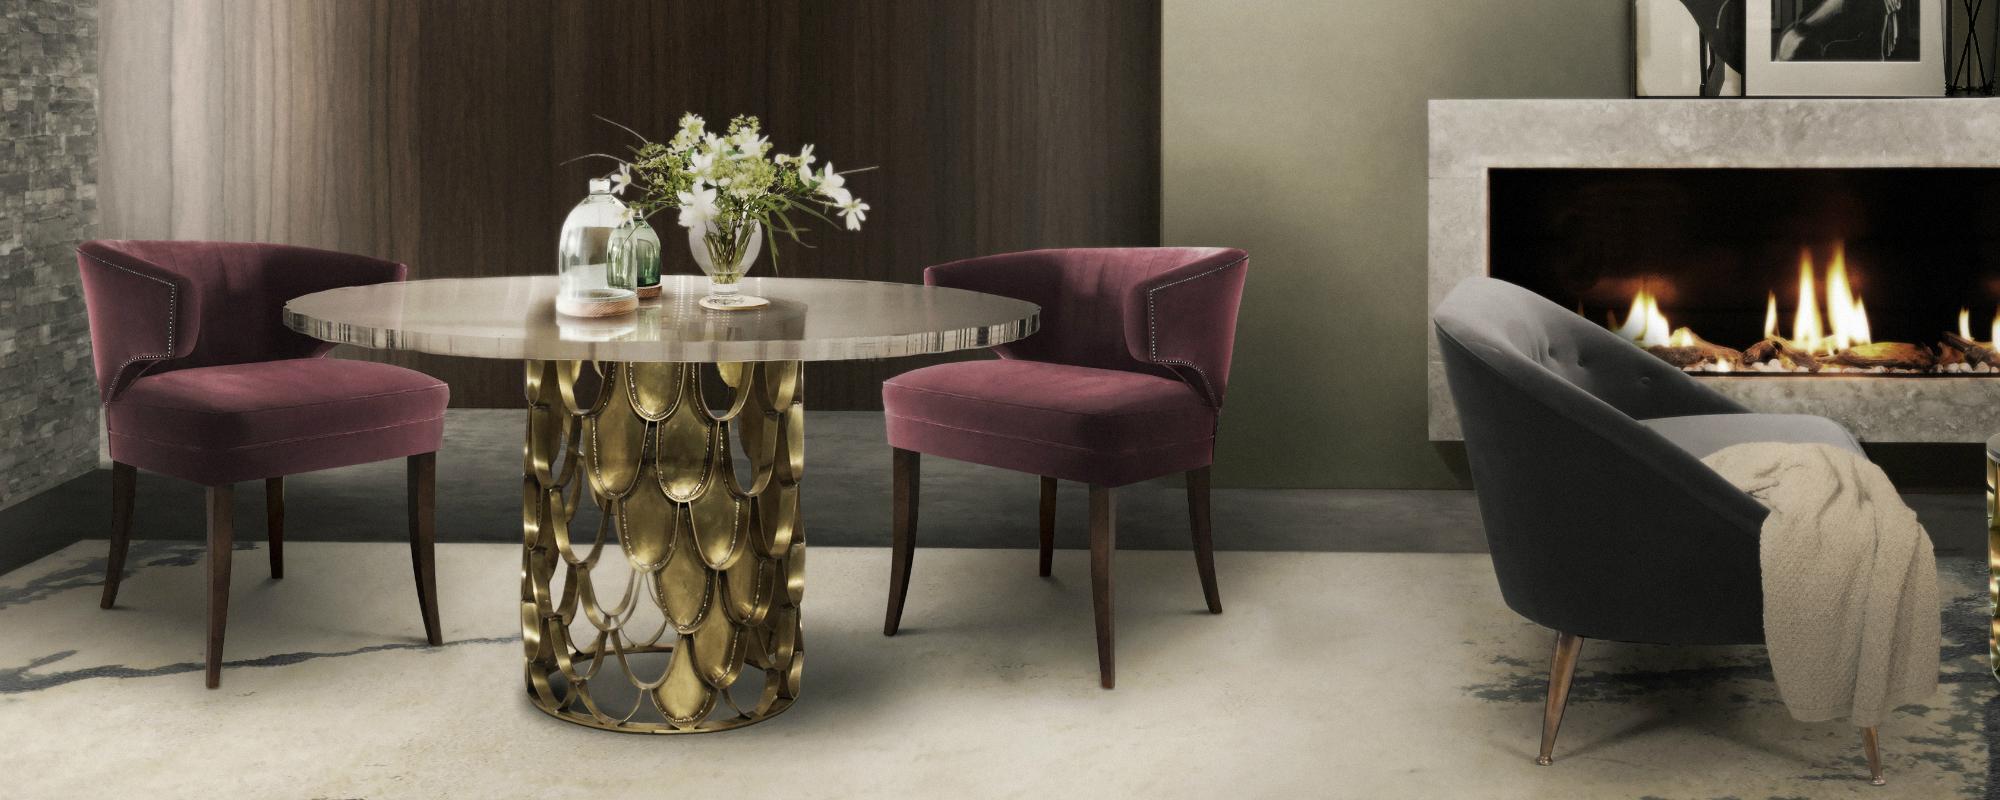 maison et objet 2018 Las Mejores Marcas de Diseño de Interiores en la Maison et Objet 2018 brabbu ambience press 61 HR